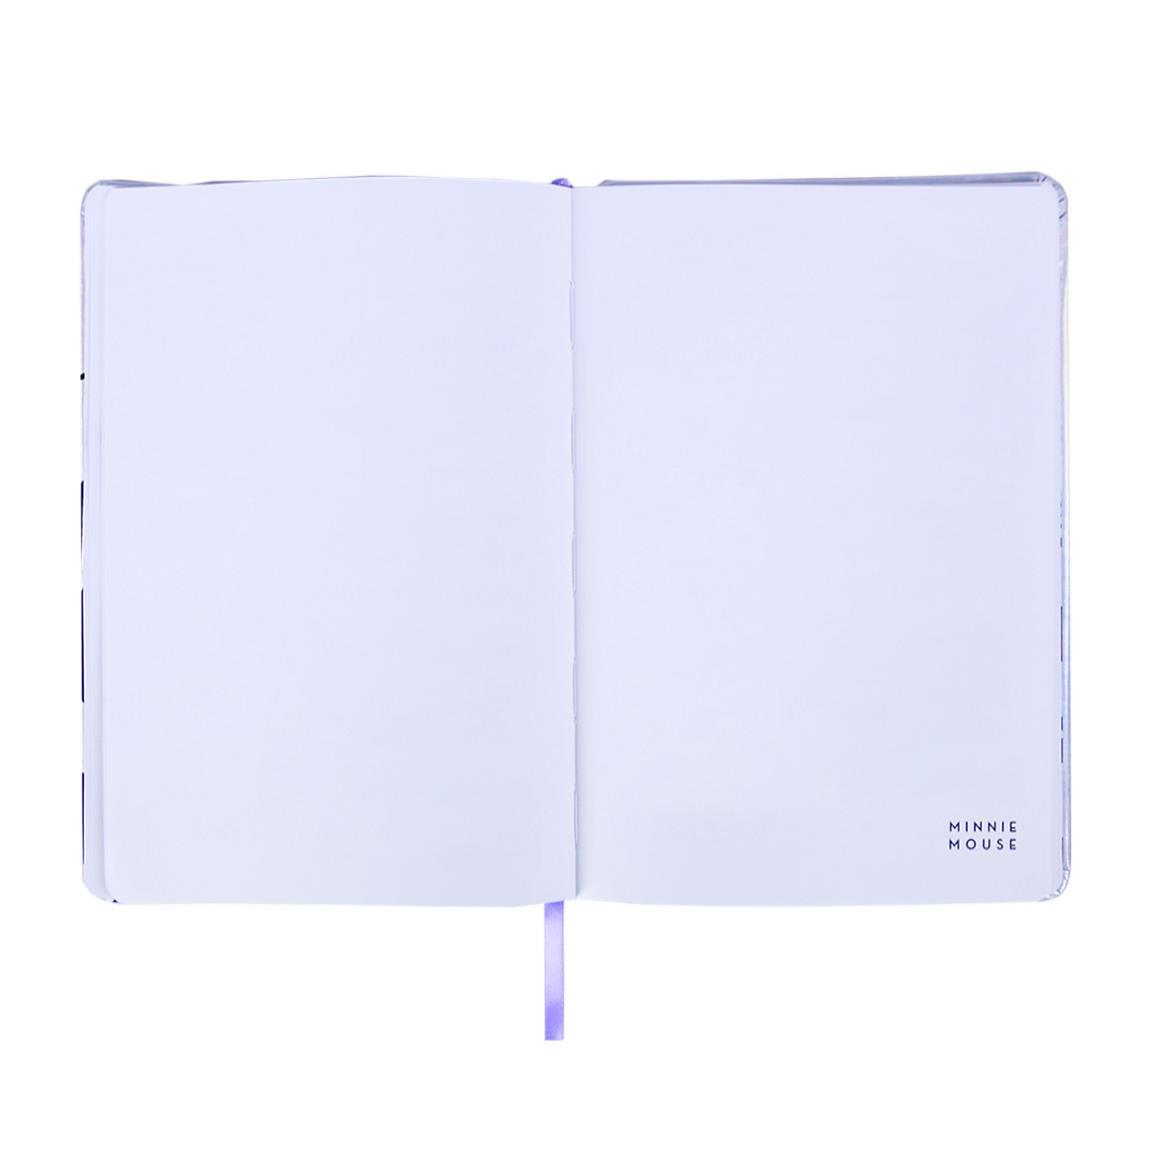 Premium Minnie Notebook